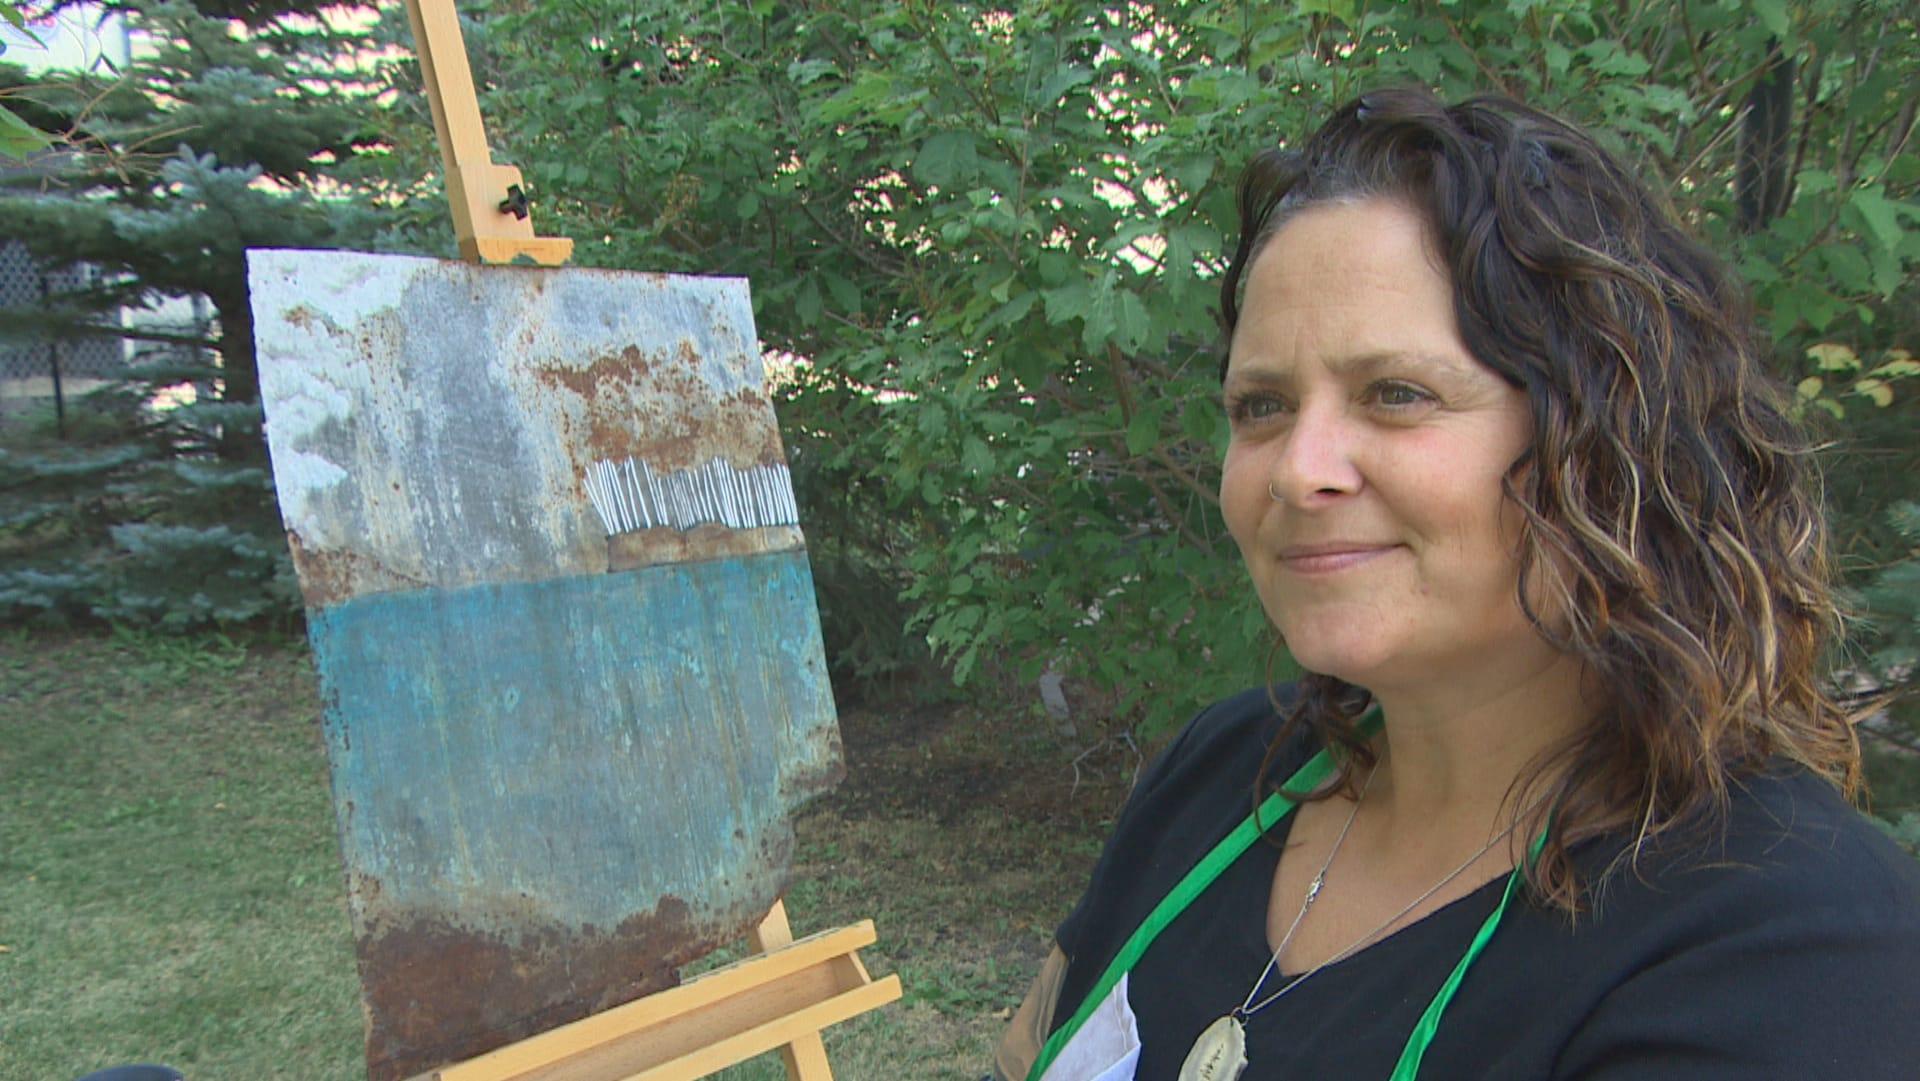 Une femme sourit. À côté d'elle se trouve une peinture sur un morceau d'étain.